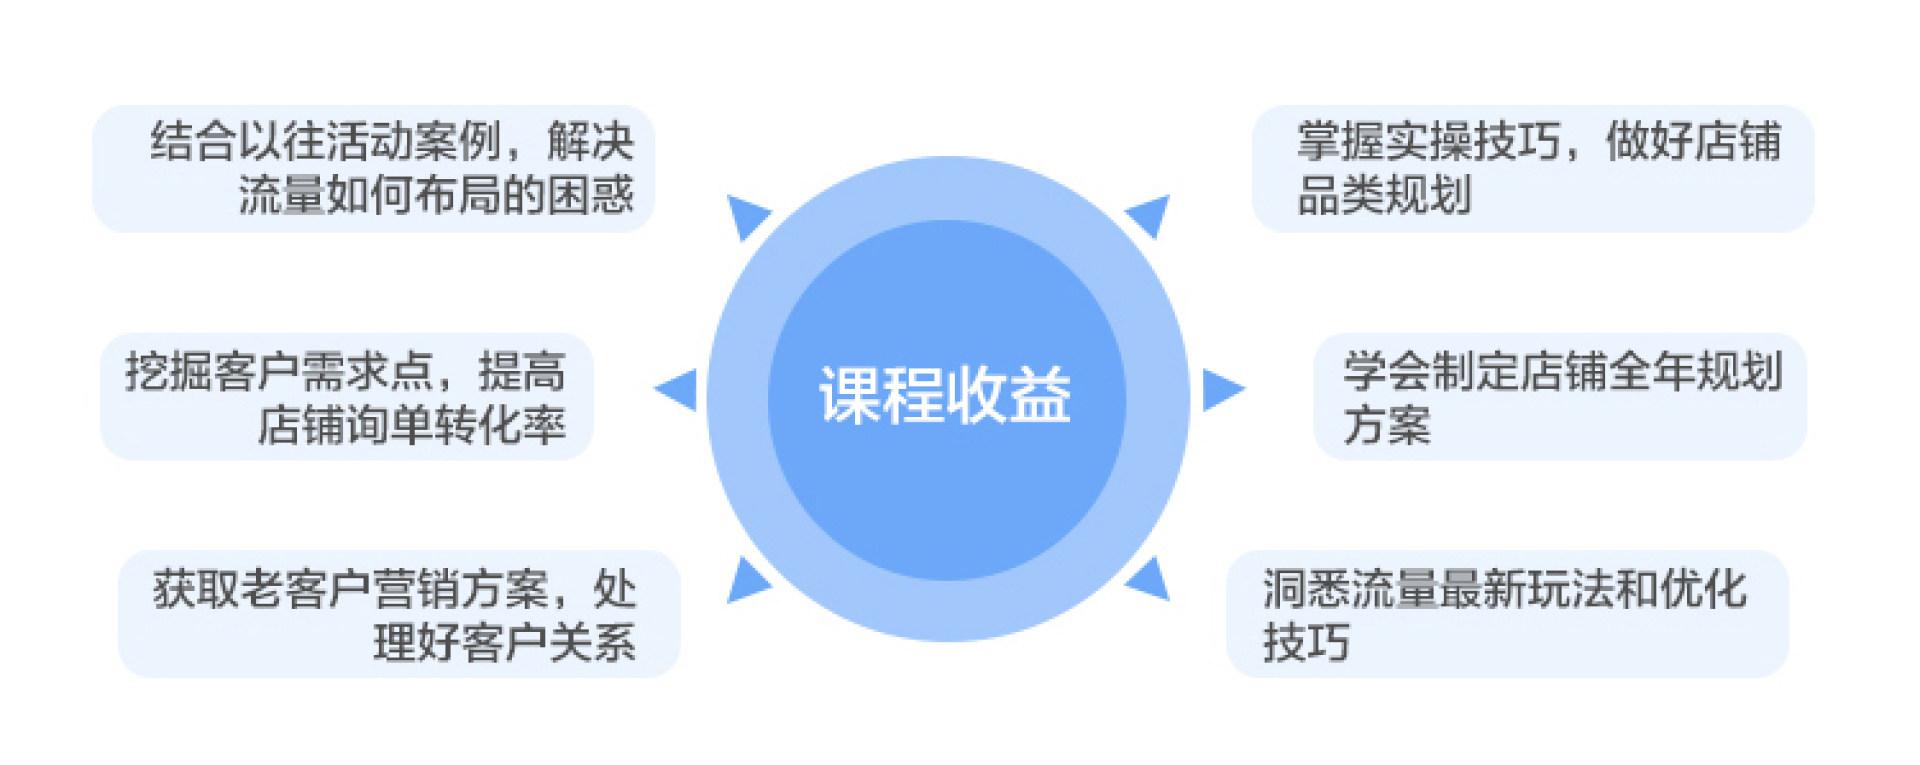 电商培训 南京培训 速卖通大学 淘宝大学 南京电商